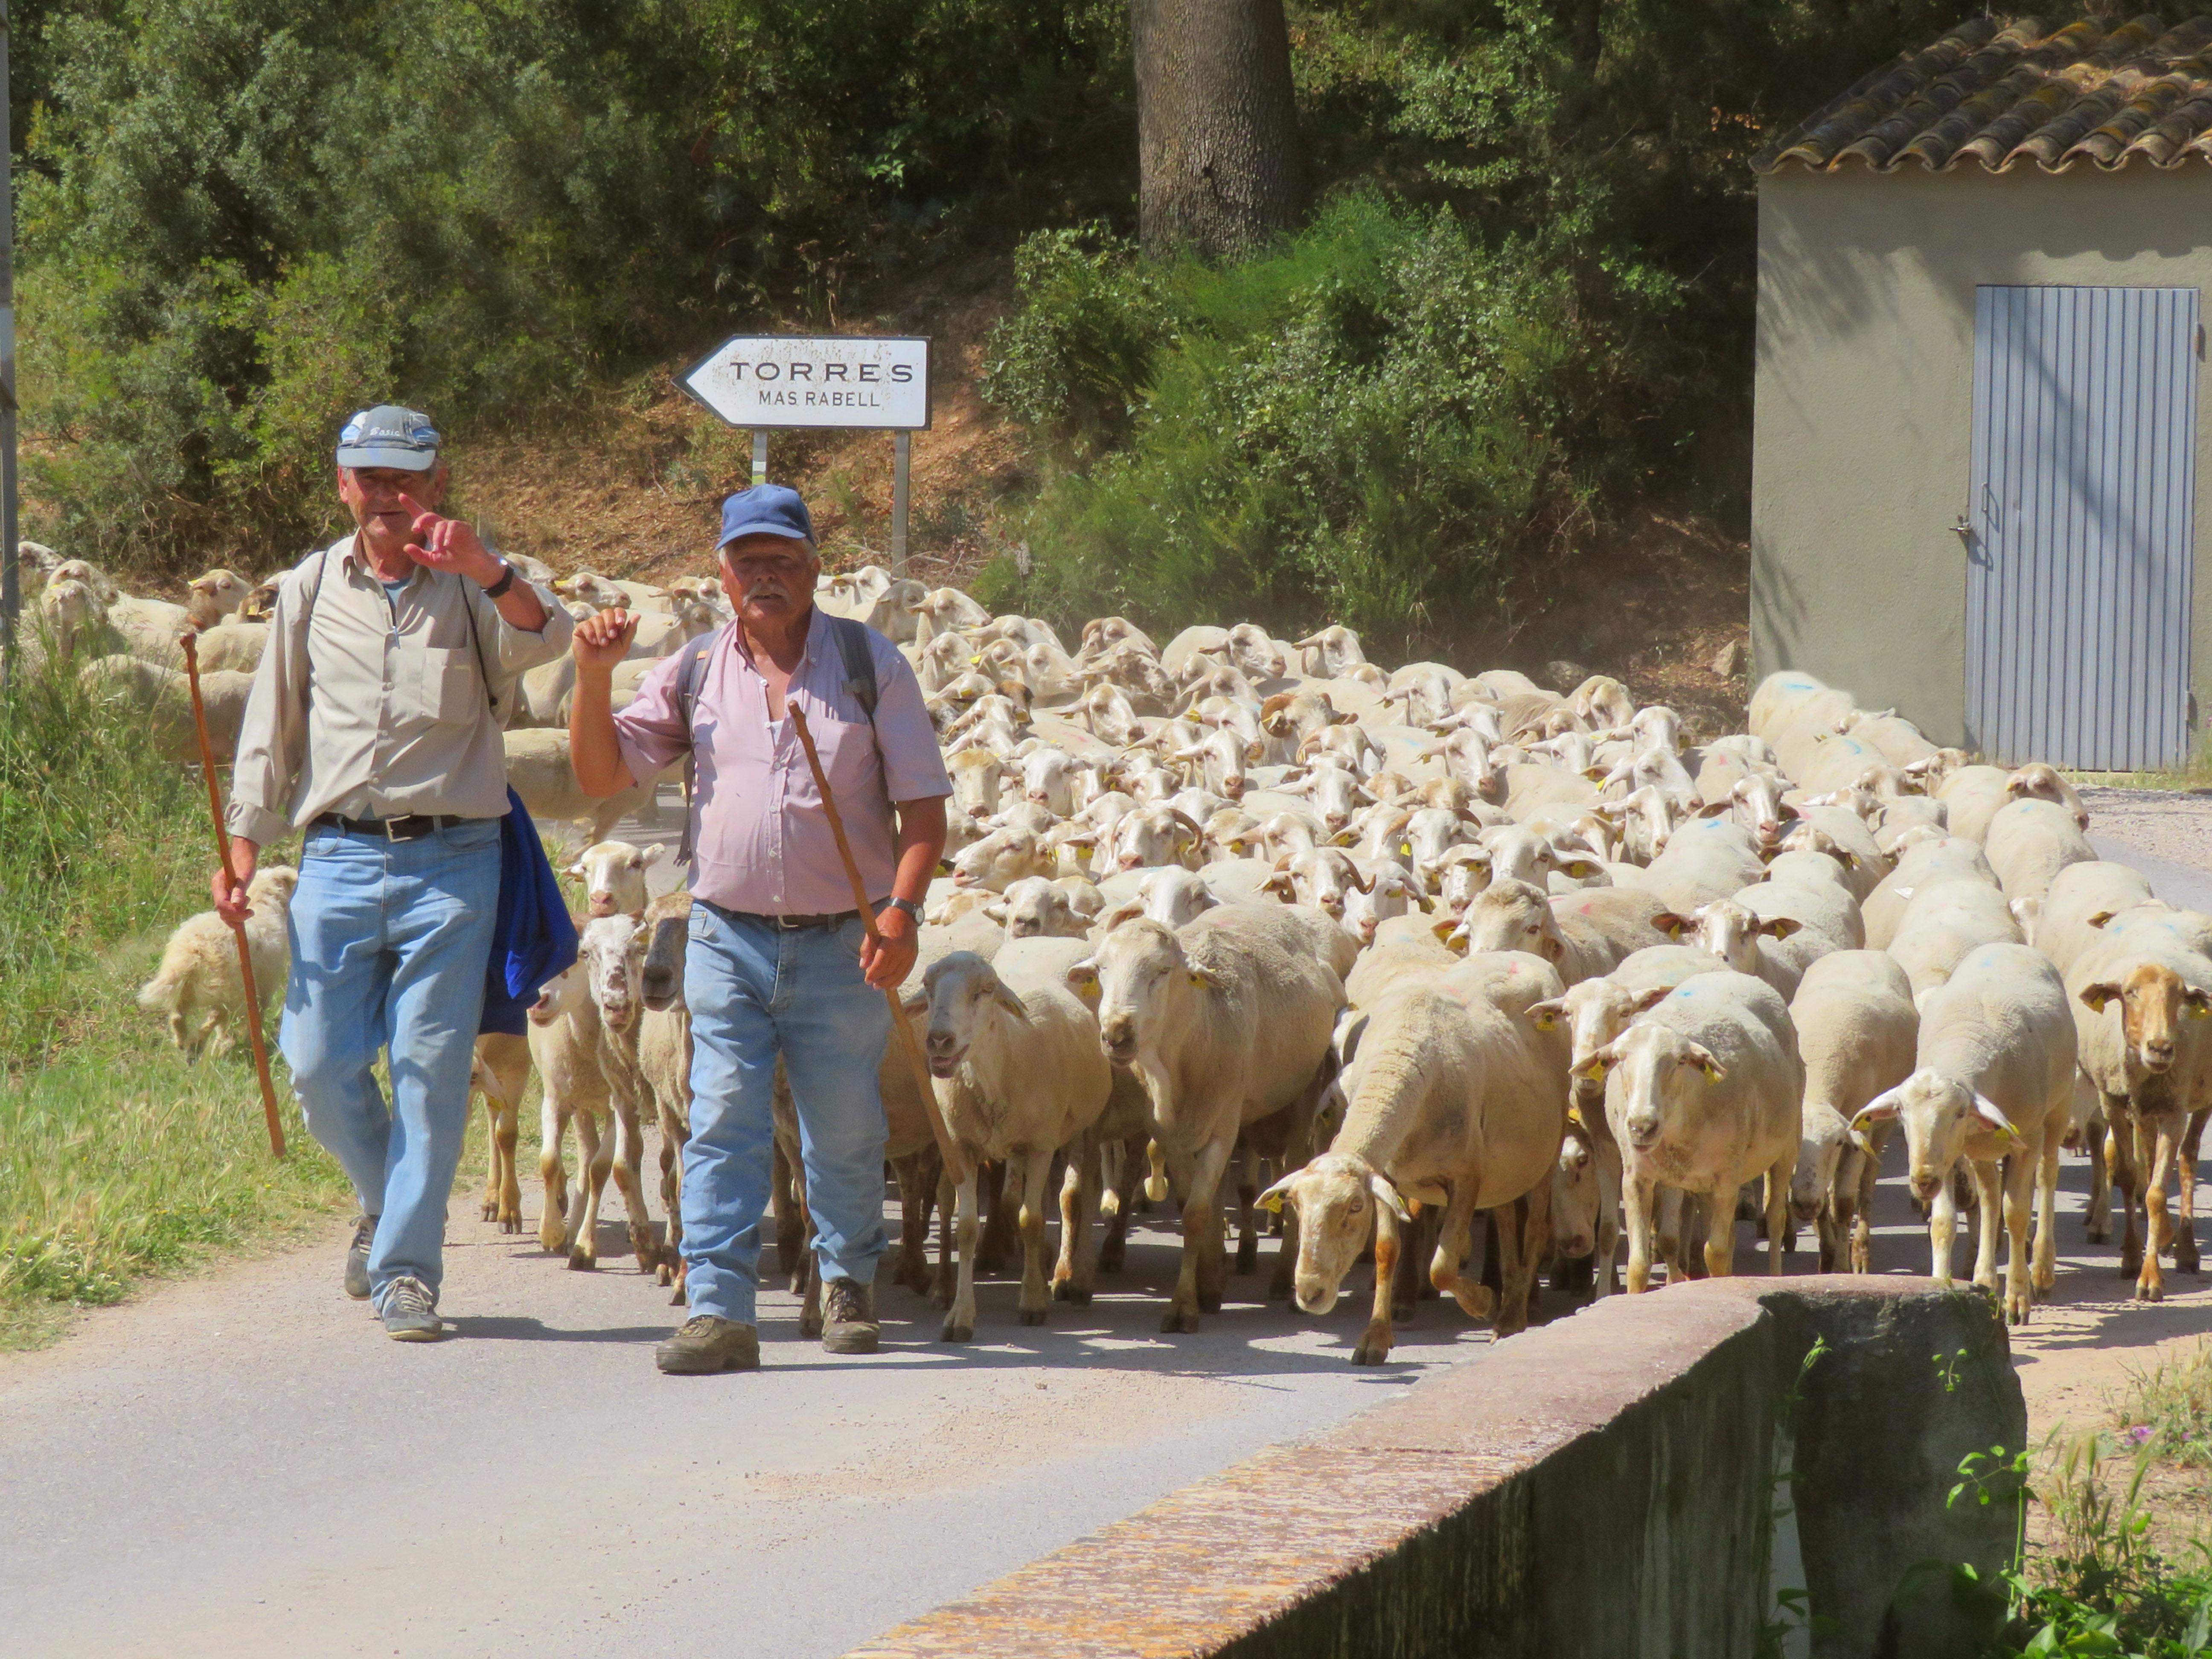 schapen op landweg in de Penedes